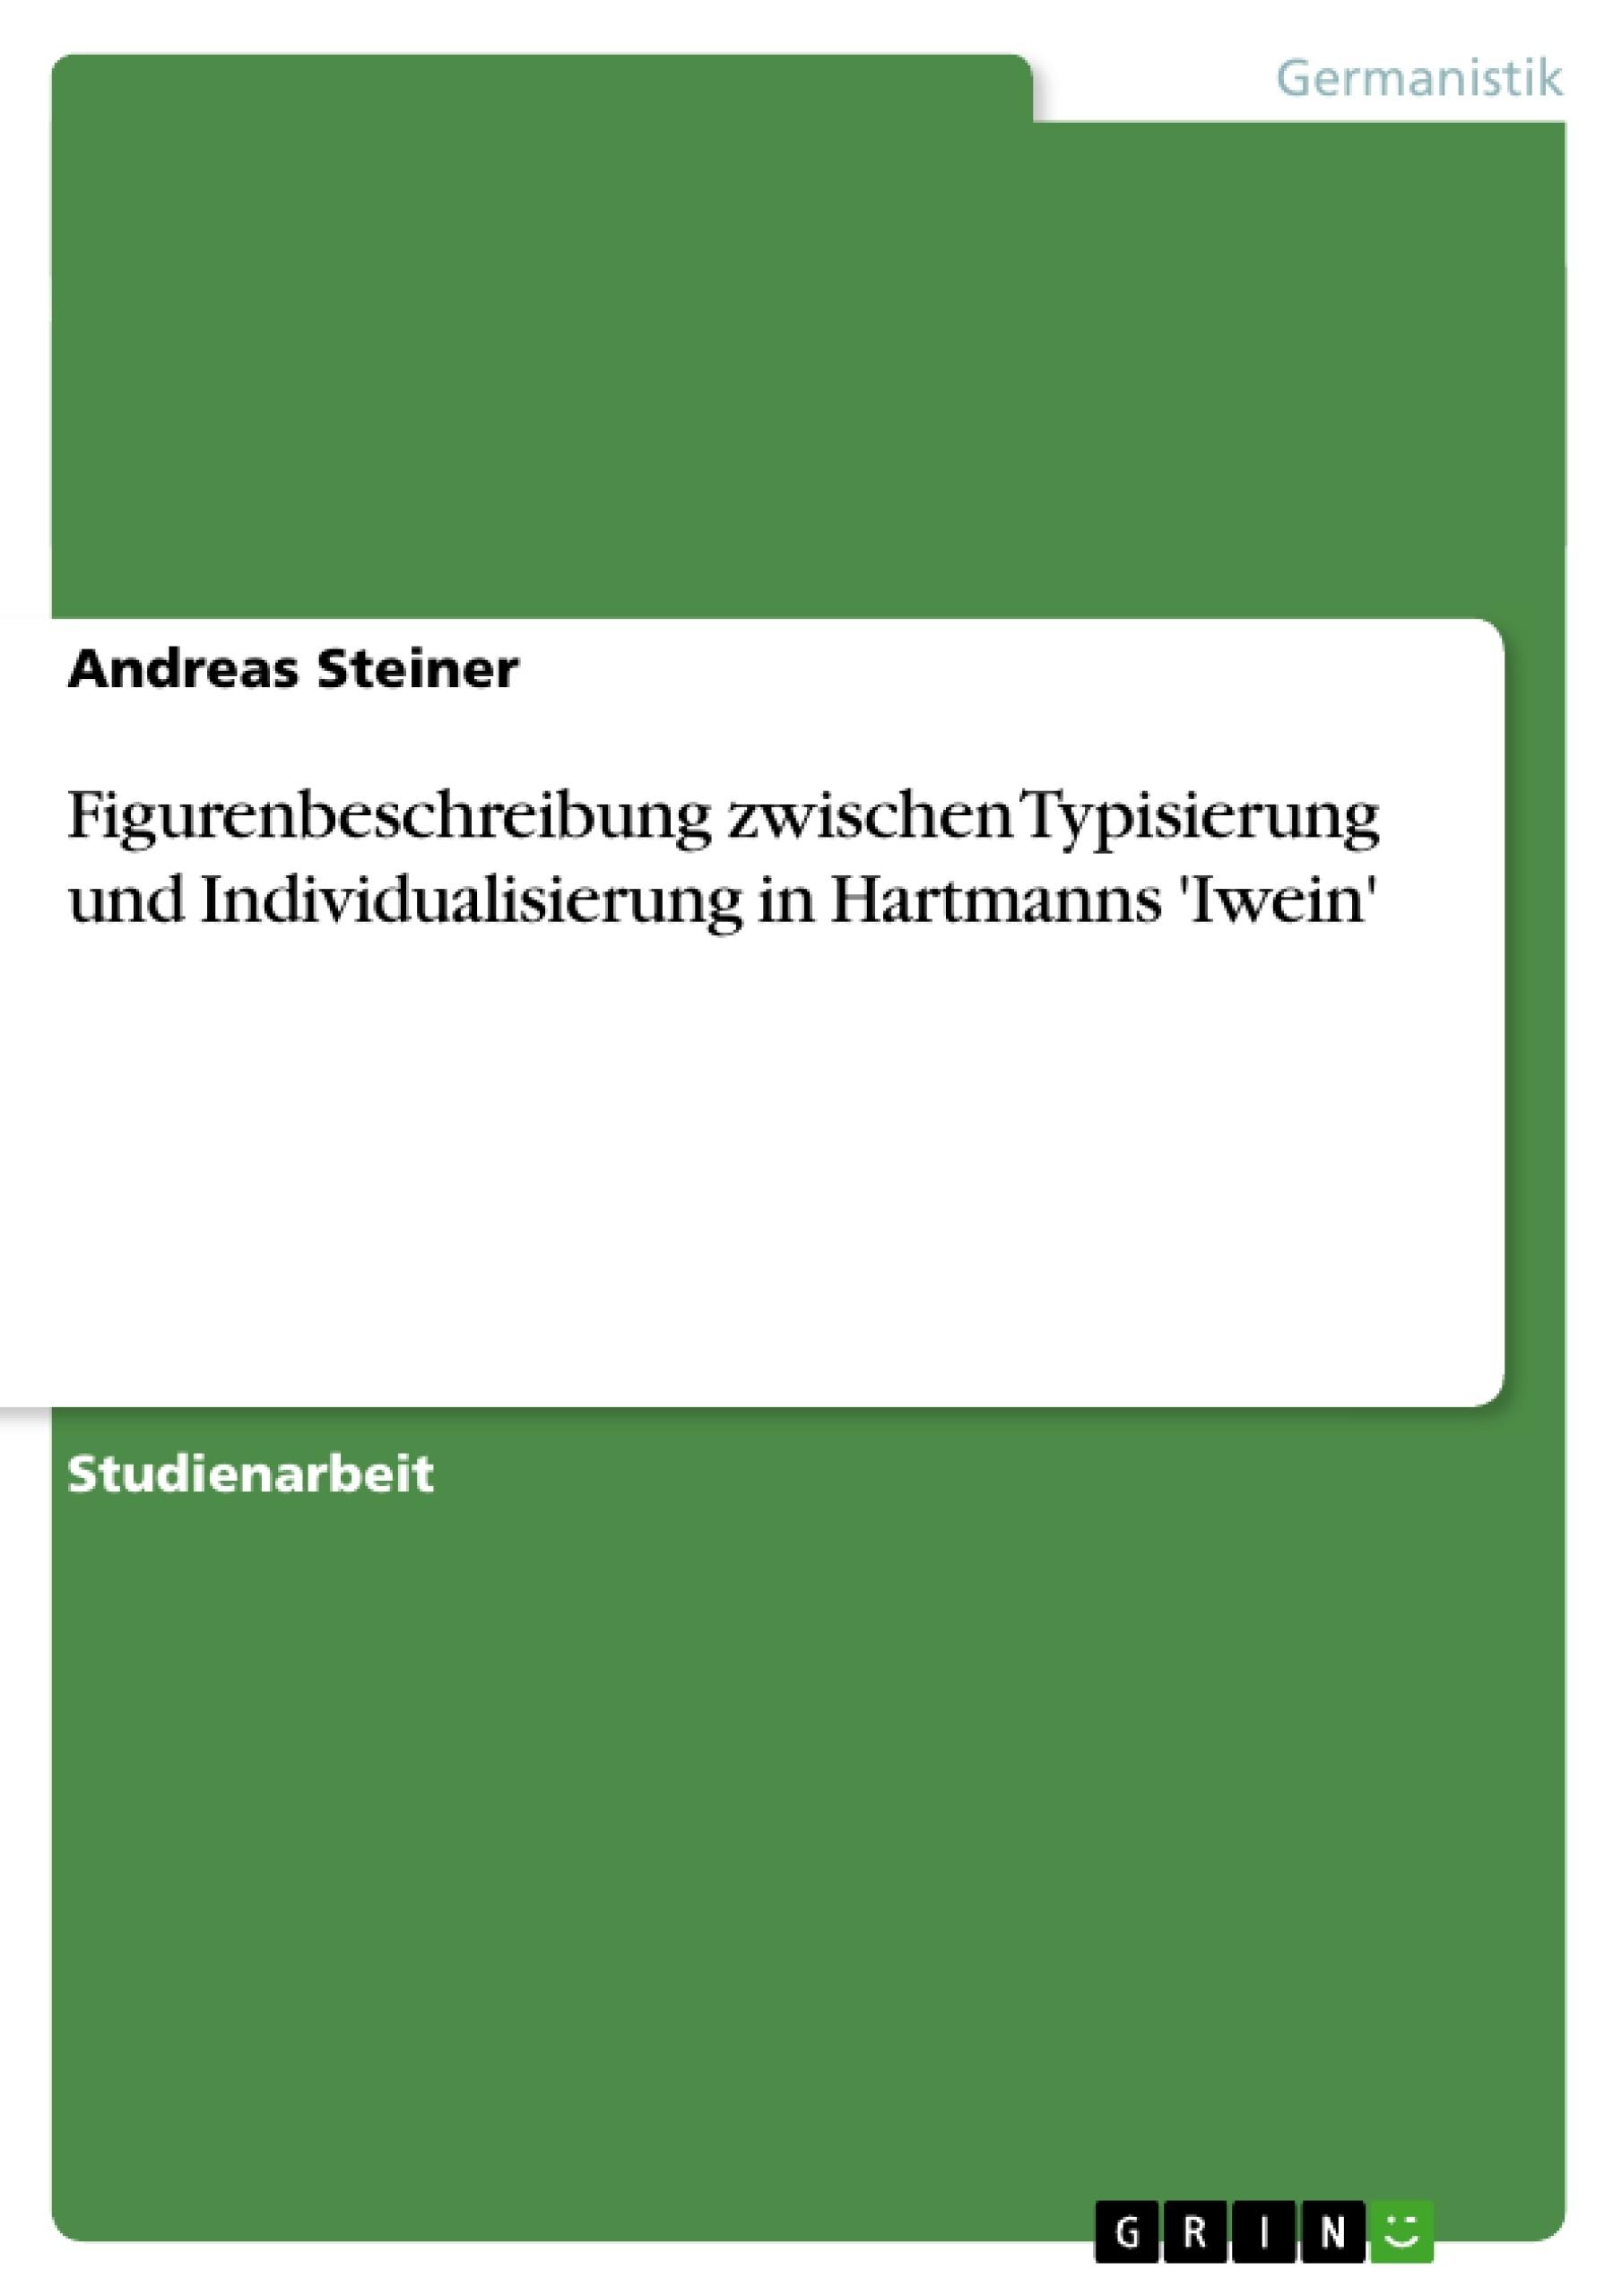 Titel: Figurenbeschreibung zwischen Typisierung und Individualisierung in Hartmanns 'Iwein'